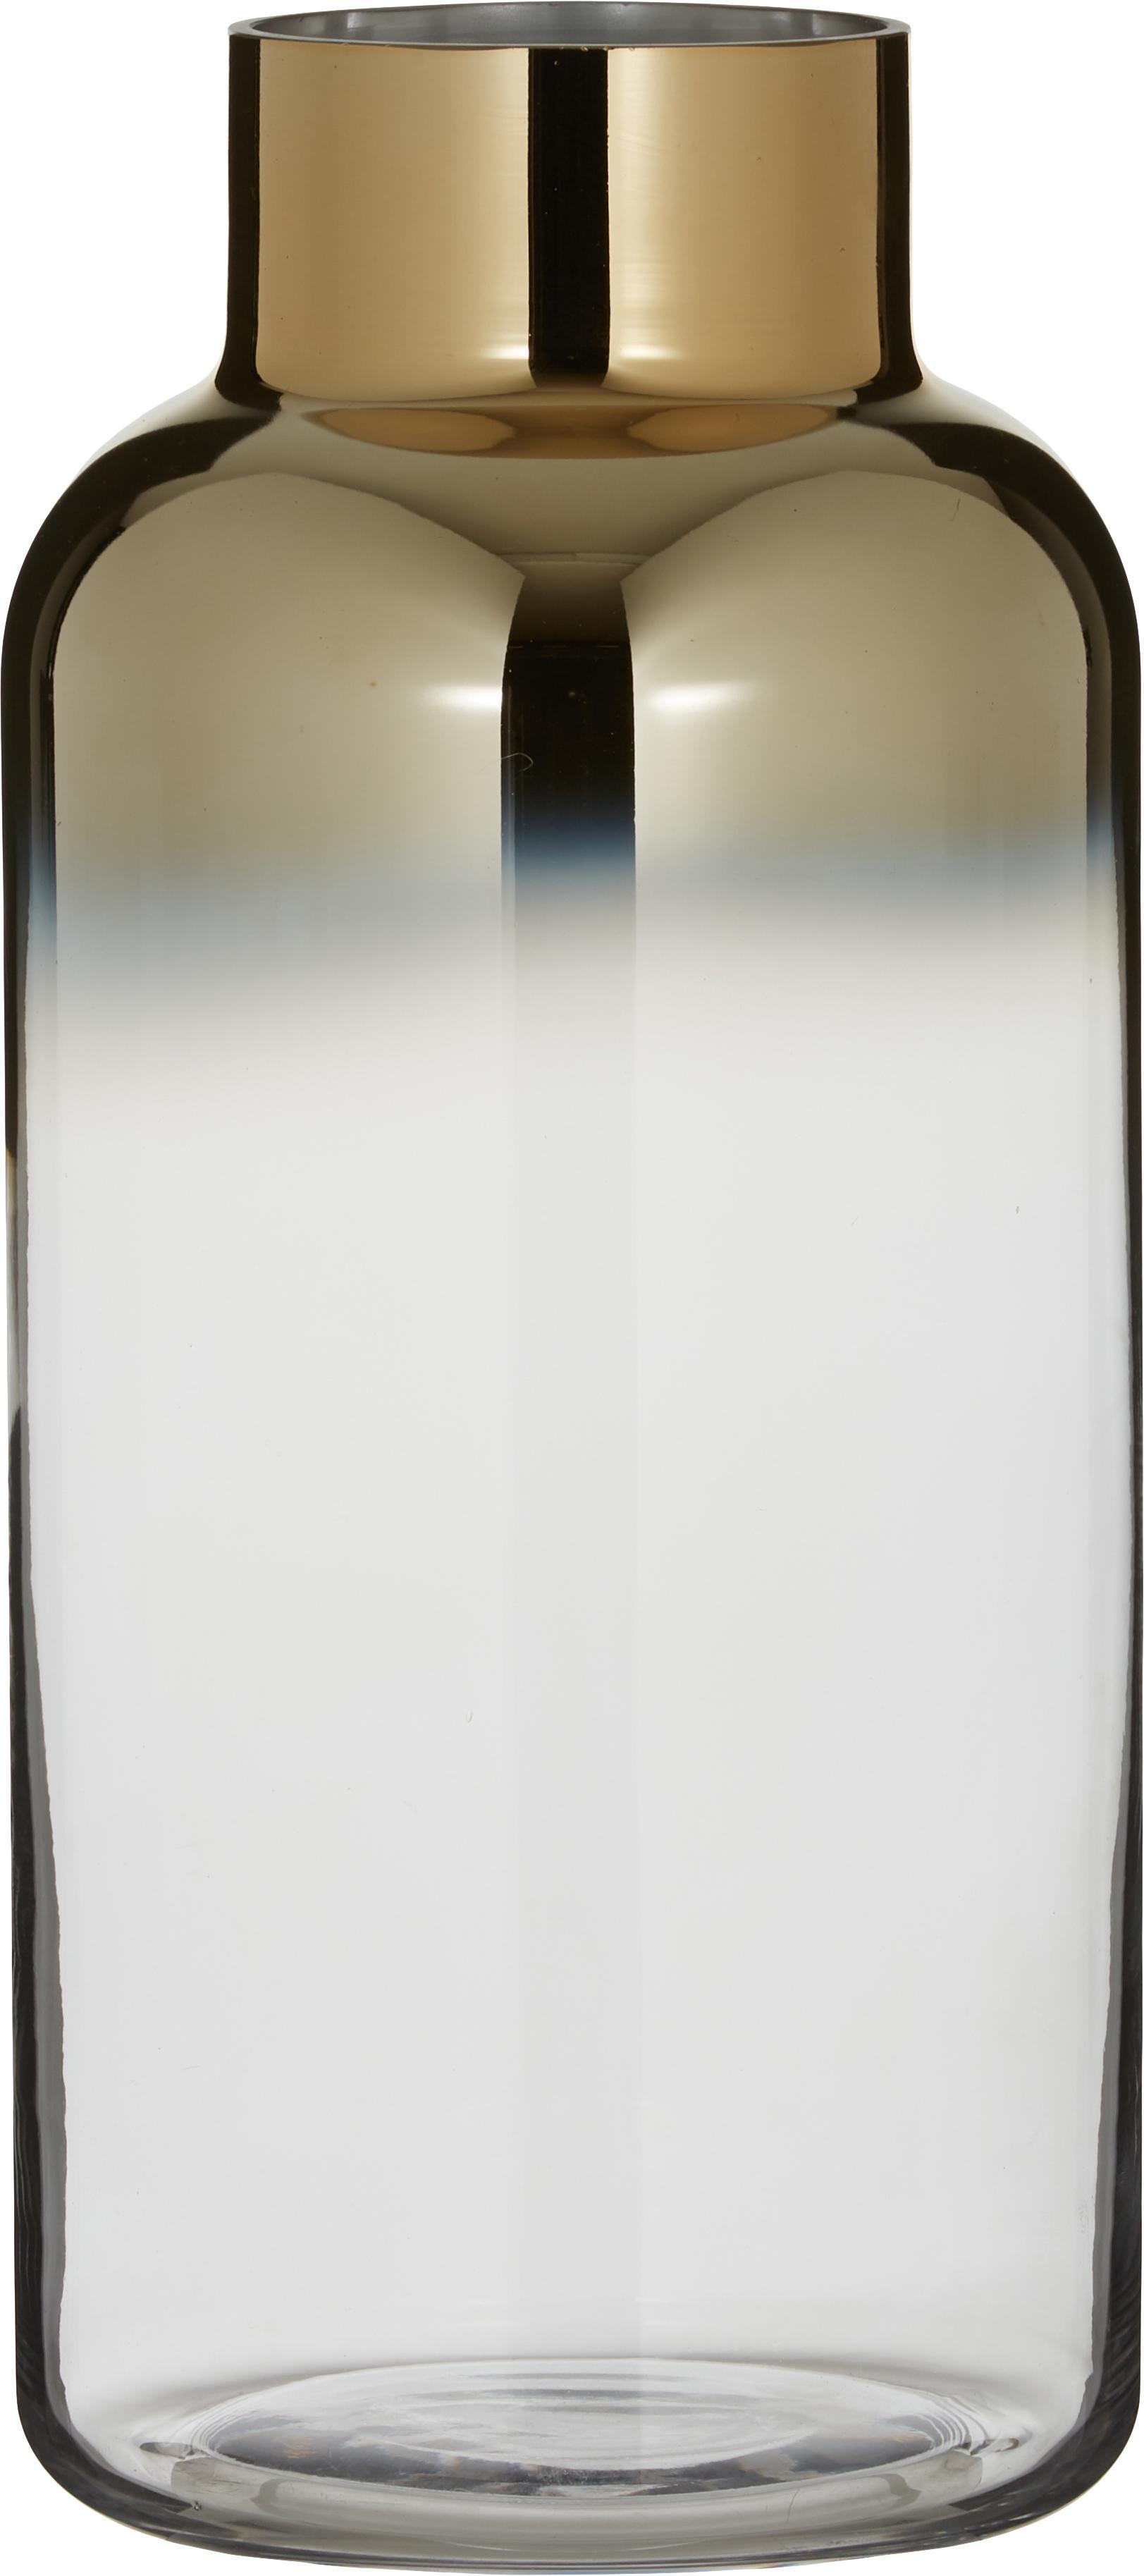 Wazon Uma, Szkło, Transparentny, odcienie złotego, Ø 16 x W 35 cm